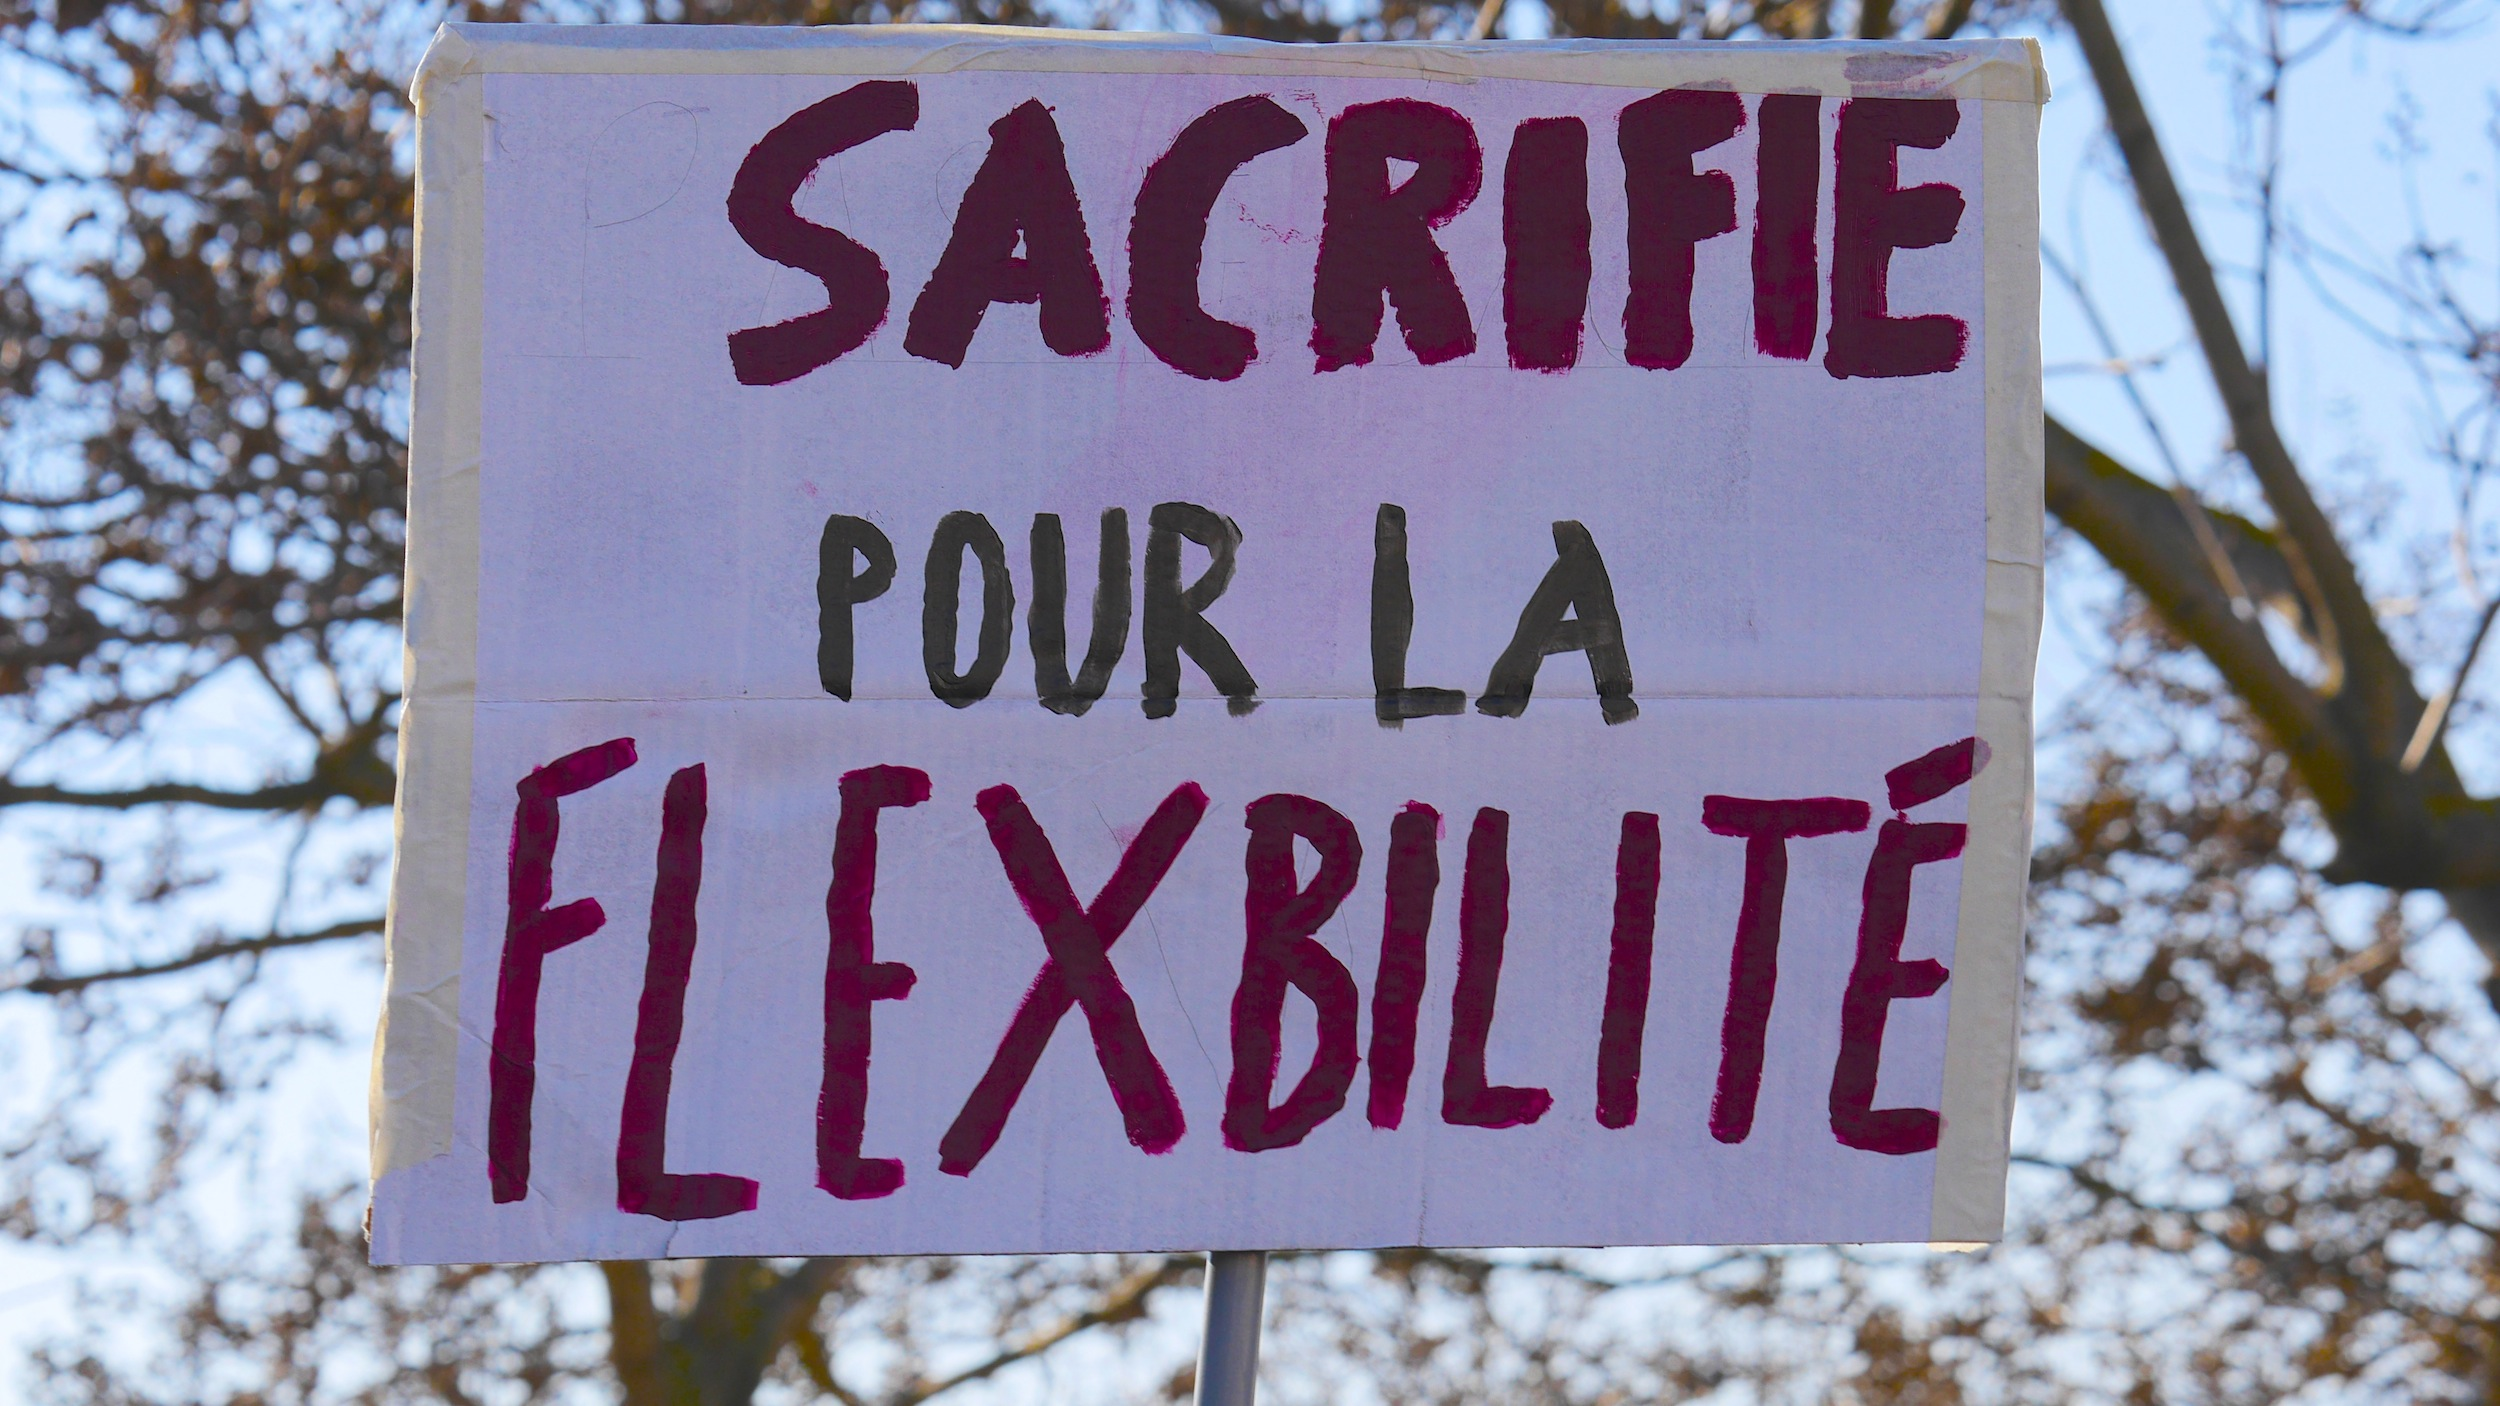 «Sacrifié pour la flexibilité»